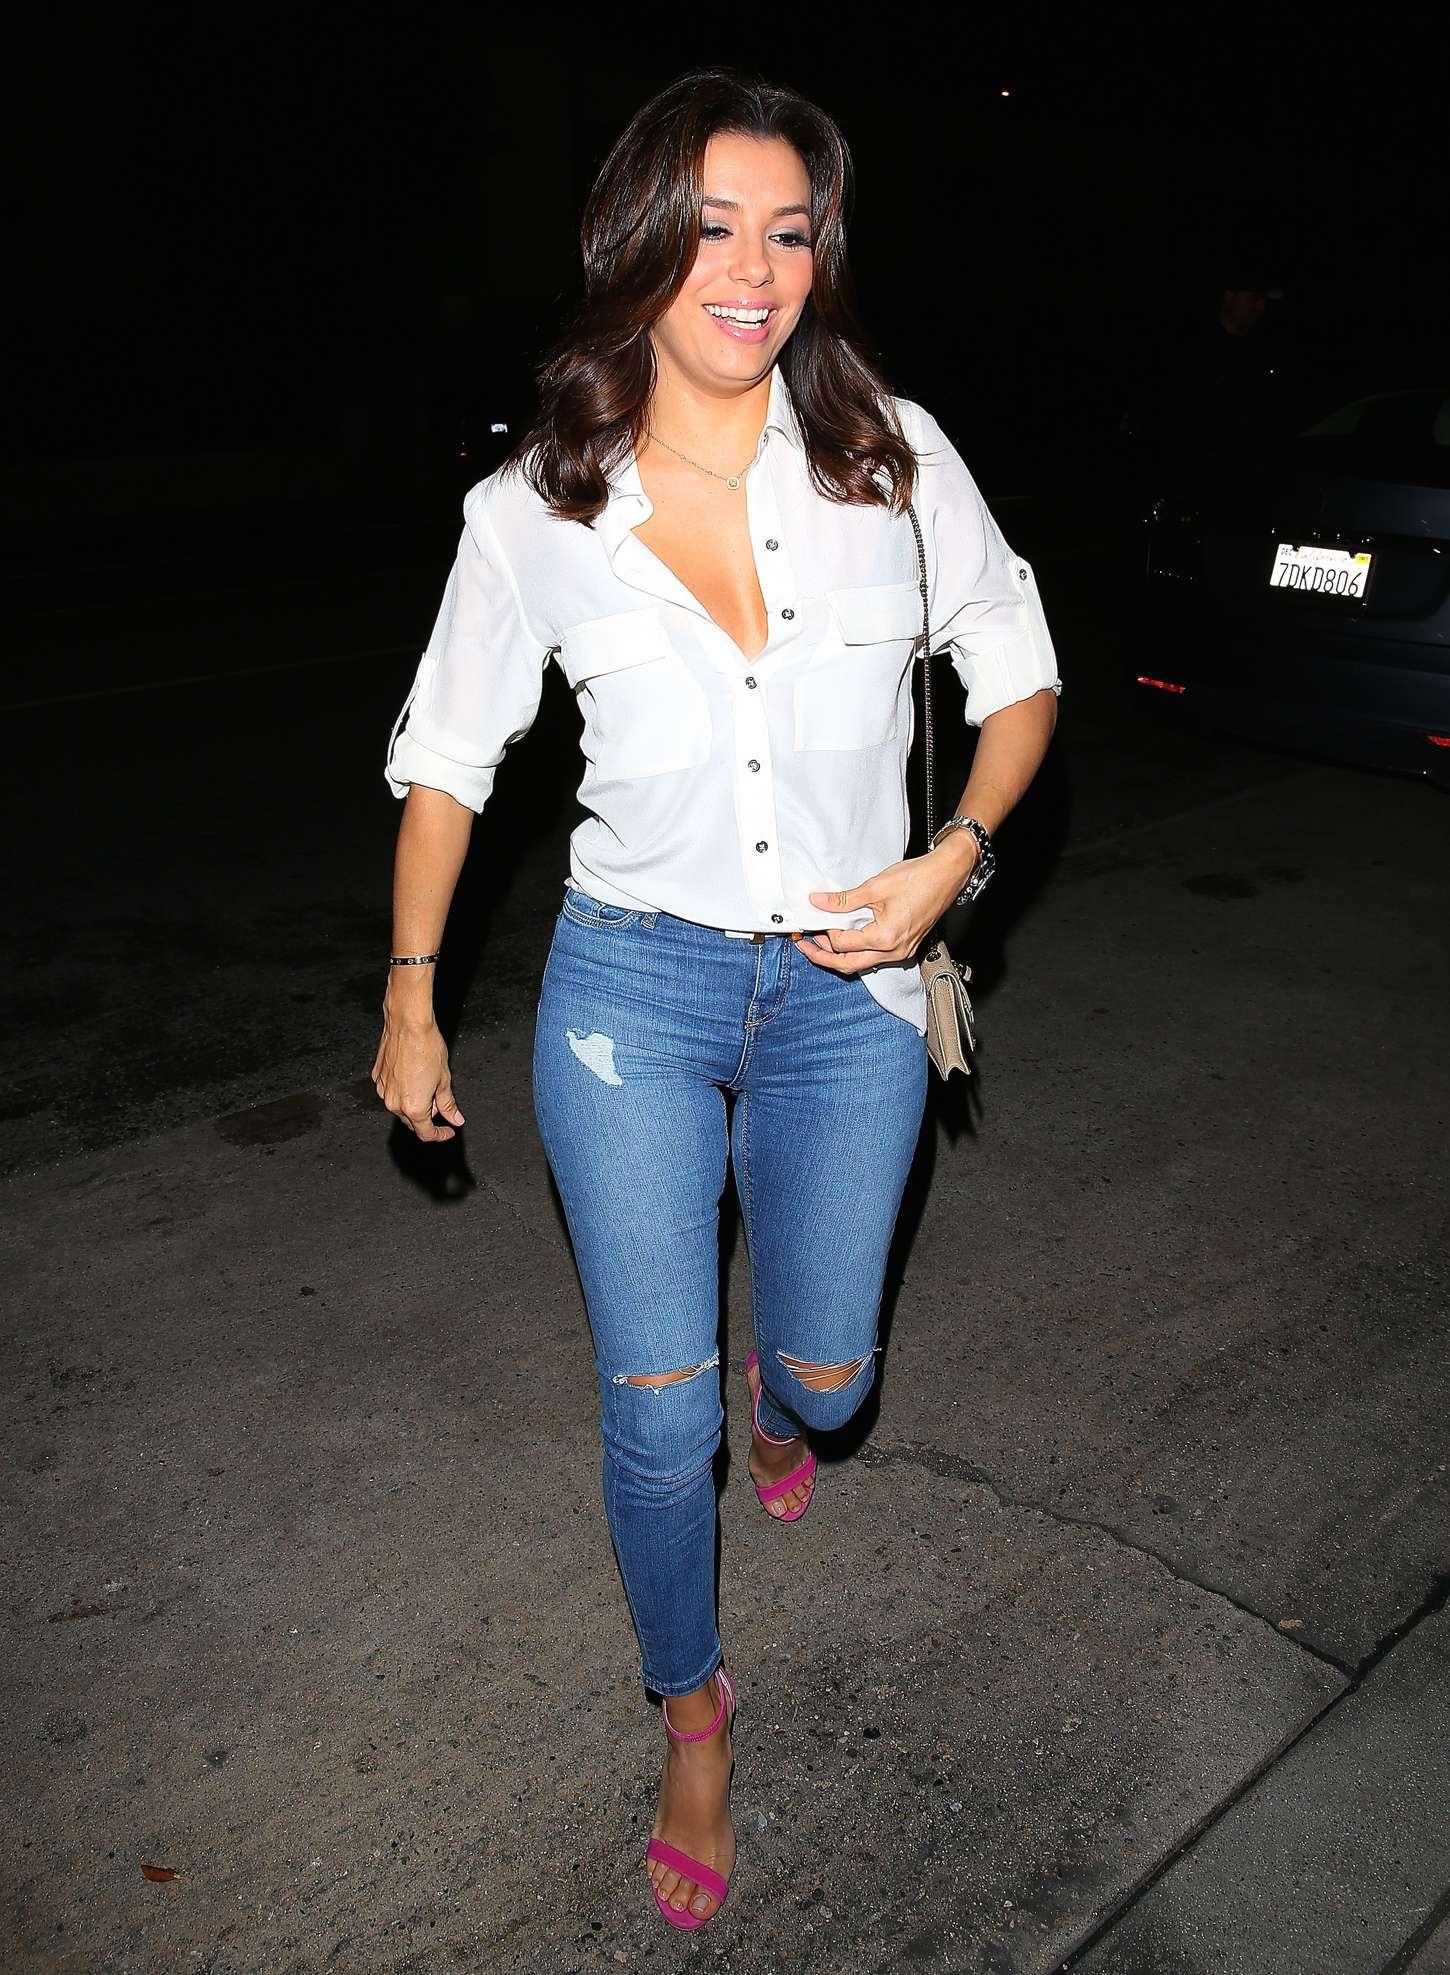 Eva Longoria 2015 : Eva Longoria in Tight Jeans -16